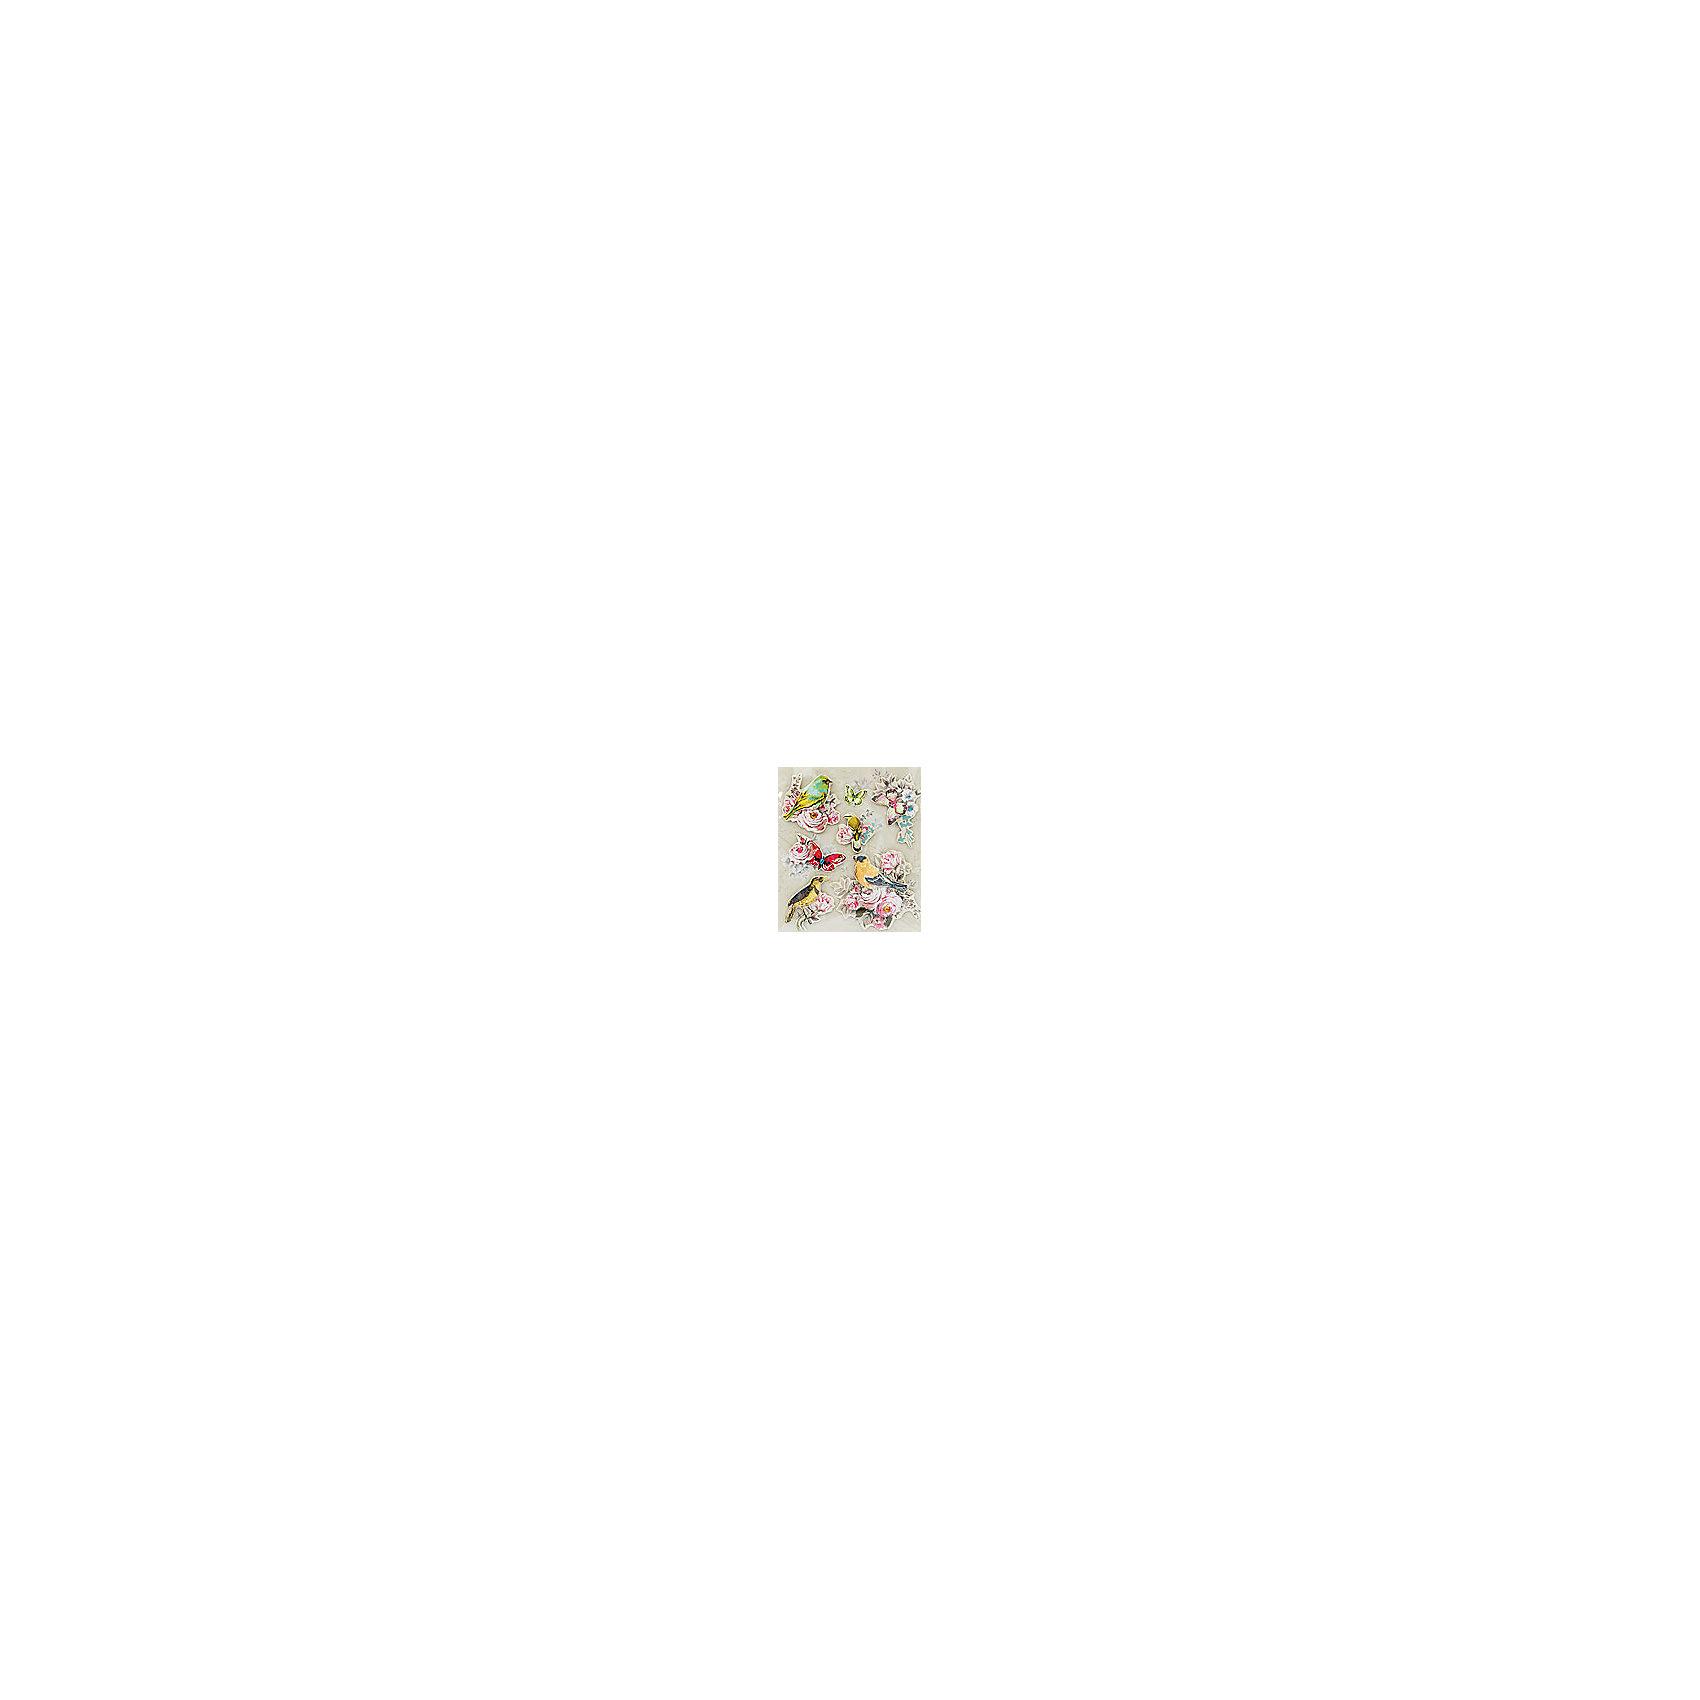 Набор 3D Стикеров Райские птицыНабор 3D Стикеров Райские птицы, Белоснежка.<br><br>Характеристики:<br><br>• подходят в качестве украшений<br>• легко использовать<br>• красивый дизайн<br>• размер листа: 12х14 см<br><br>В набор Райские птицы входят 7 объемных стикеров с изображением птиц и бабочек. Стикеры изготовлены из тонкого картона, который крепится на клейкую подушечку. Набор подходит для скрапбукинга или оформления подарков, альбомов, рамок.<br><br>Вы можете купить набор 3D стикеров Райские птицы в нашем интернет-магазине.<br><br>Ширина мм: 180<br>Глубина мм: 122<br>Высота мм: 5<br>Вес г: 40<br>Возраст от месяцев: 72<br>Возраст до месяцев: 144<br>Пол: Женский<br>Возраст: Детский<br>SKU: 5089614